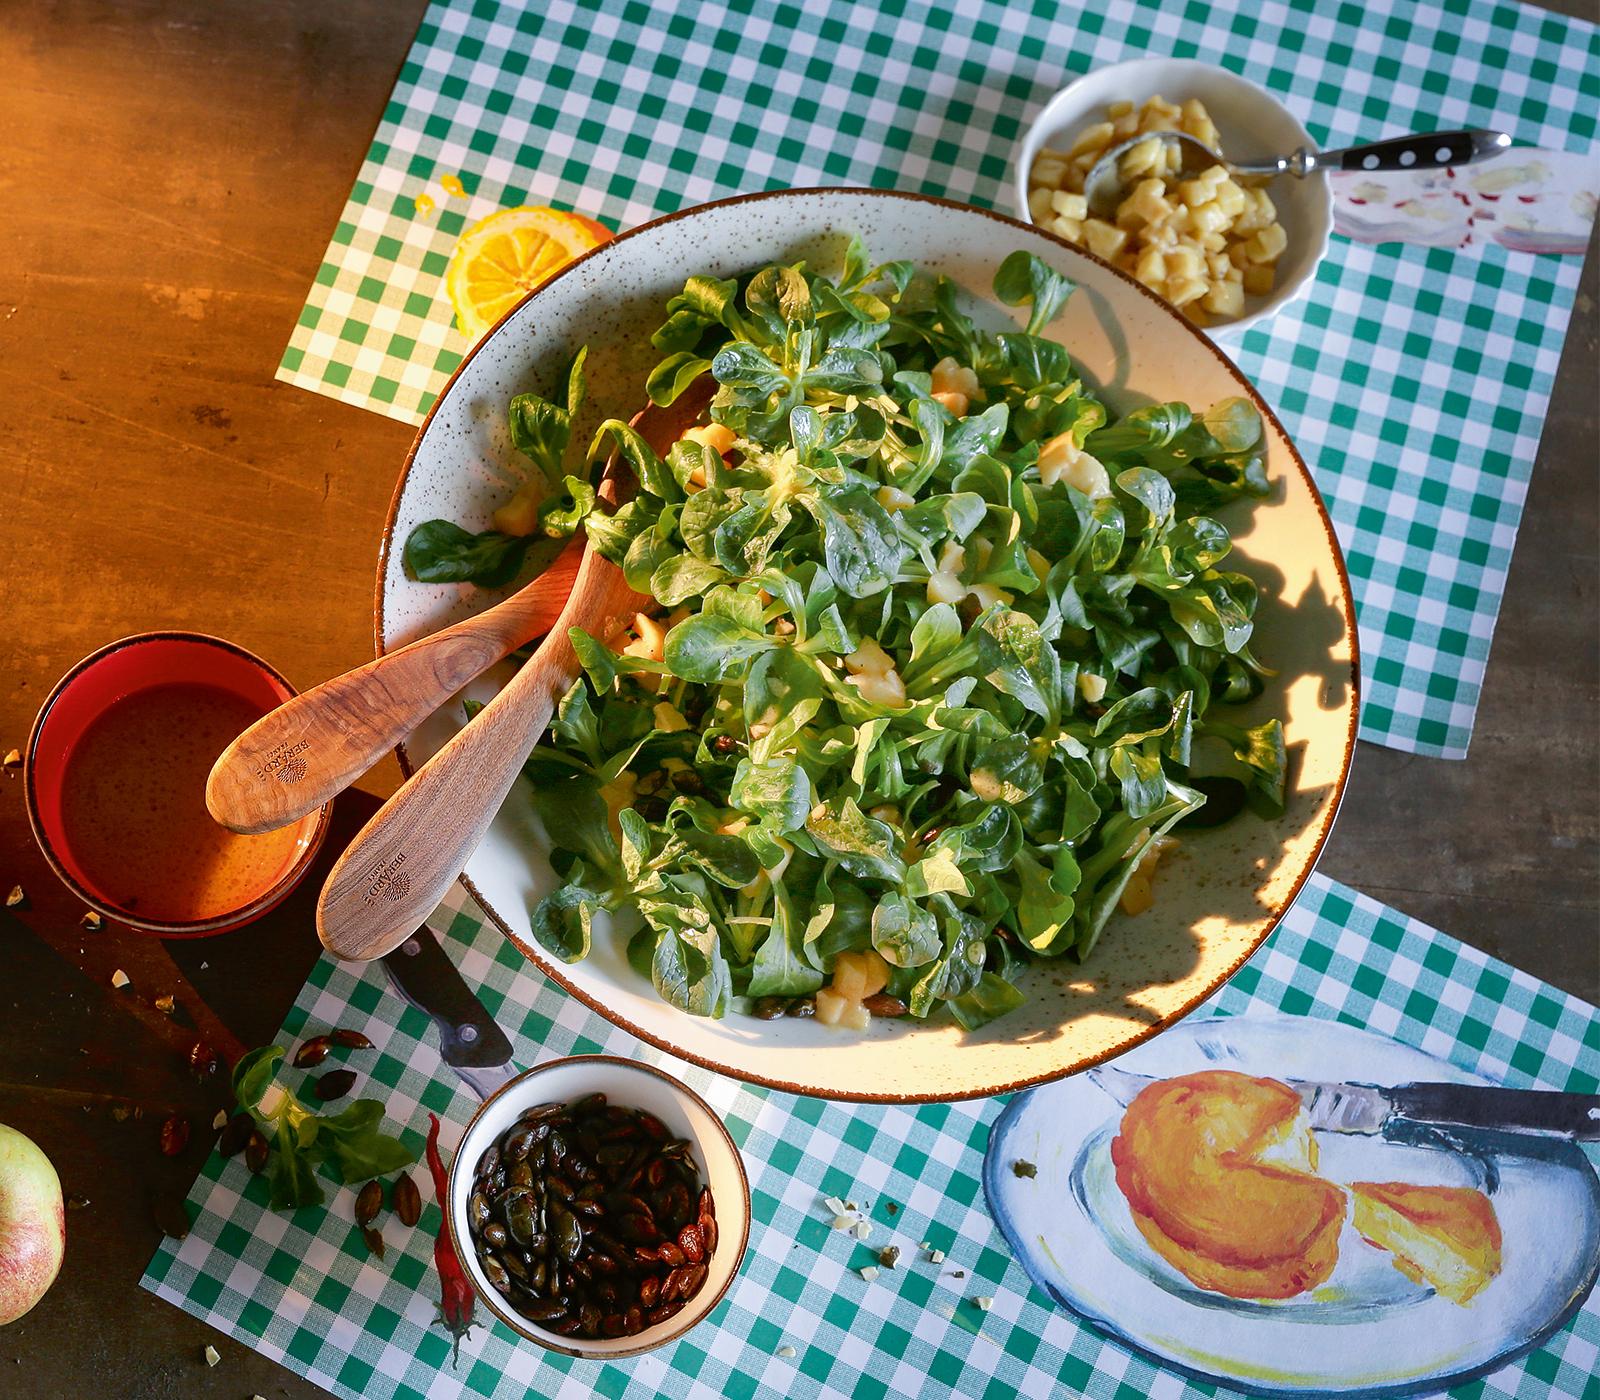 N sslisalat mit apfeldressing annemarie wildeisens kochen for Kochen 10 personen